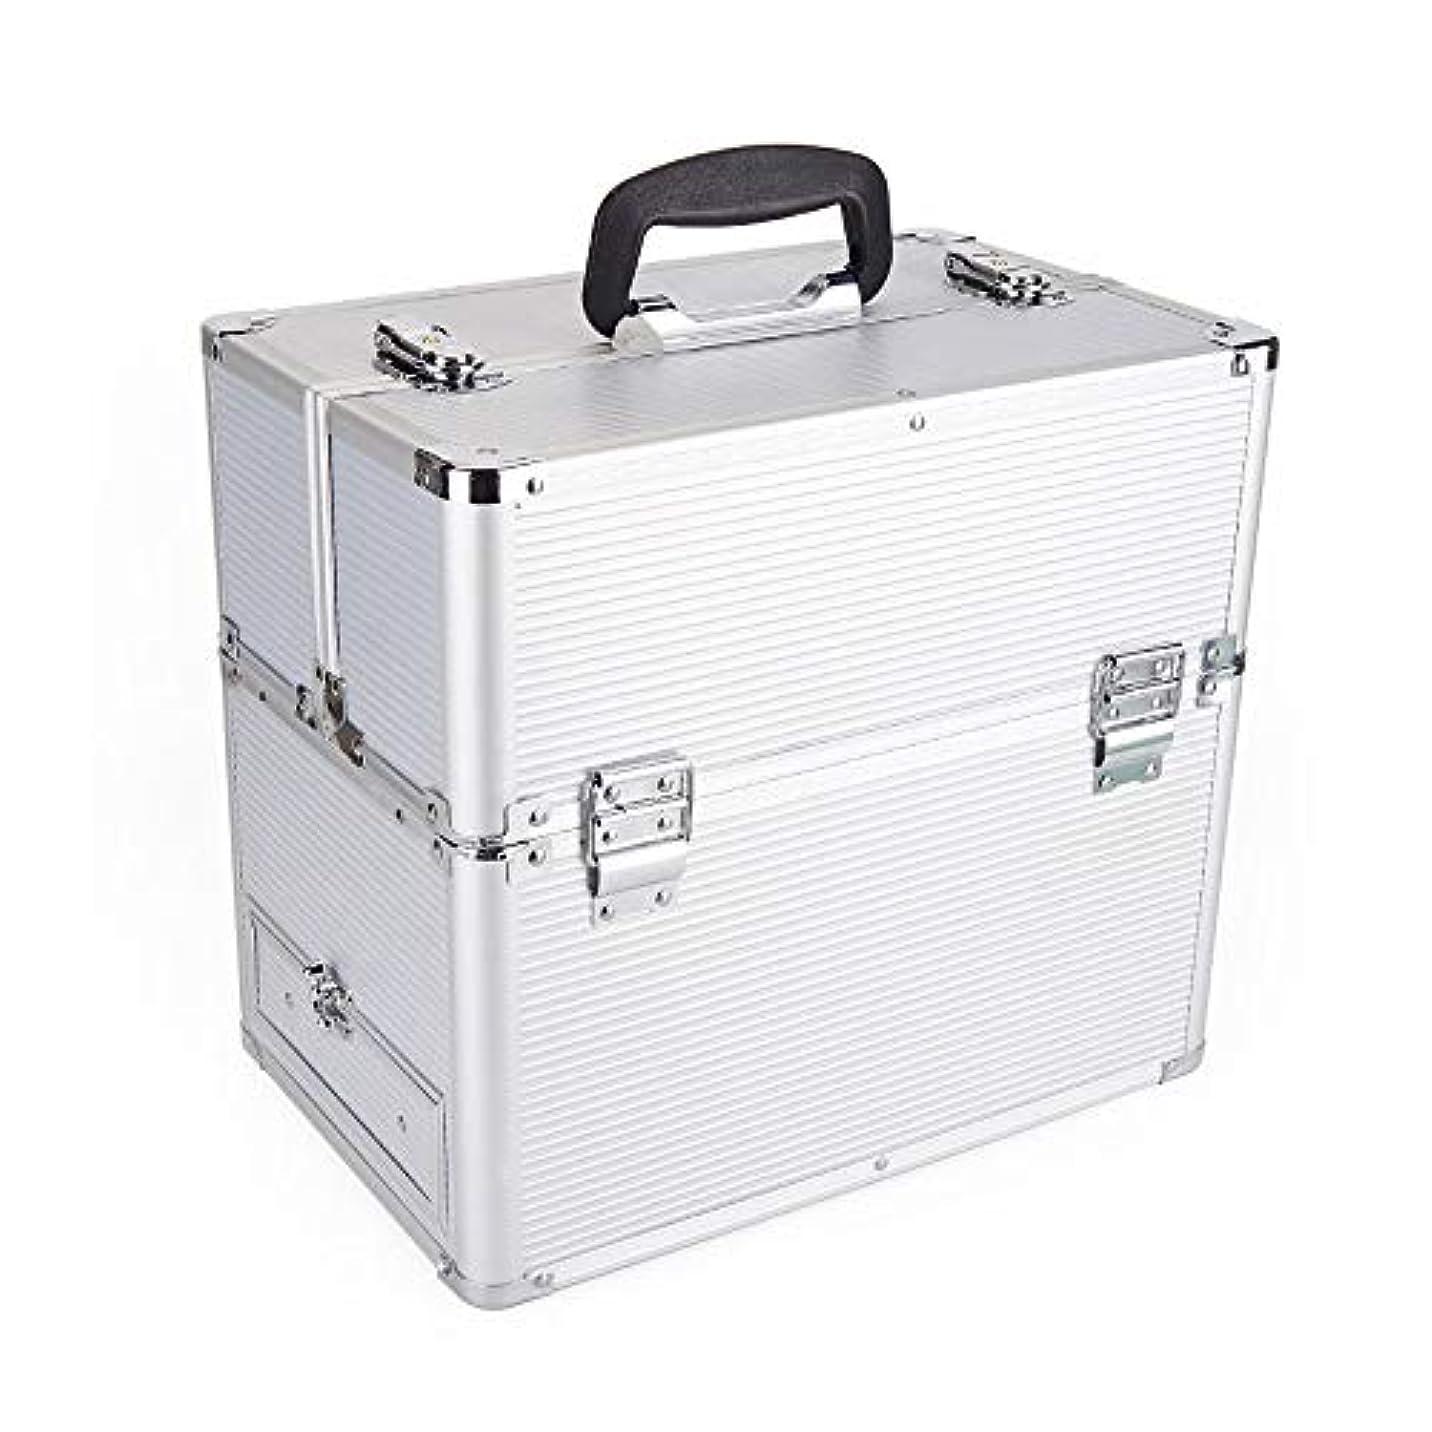 シネウィ事実夕食を作る化粧オーガナイザーバッグ 2つの層アルミニウム化粧箱オーガナイザーバニティロック可能な美容メイクアップネイルジュエリーポータブルケース収納ボックス 化粧品ケース